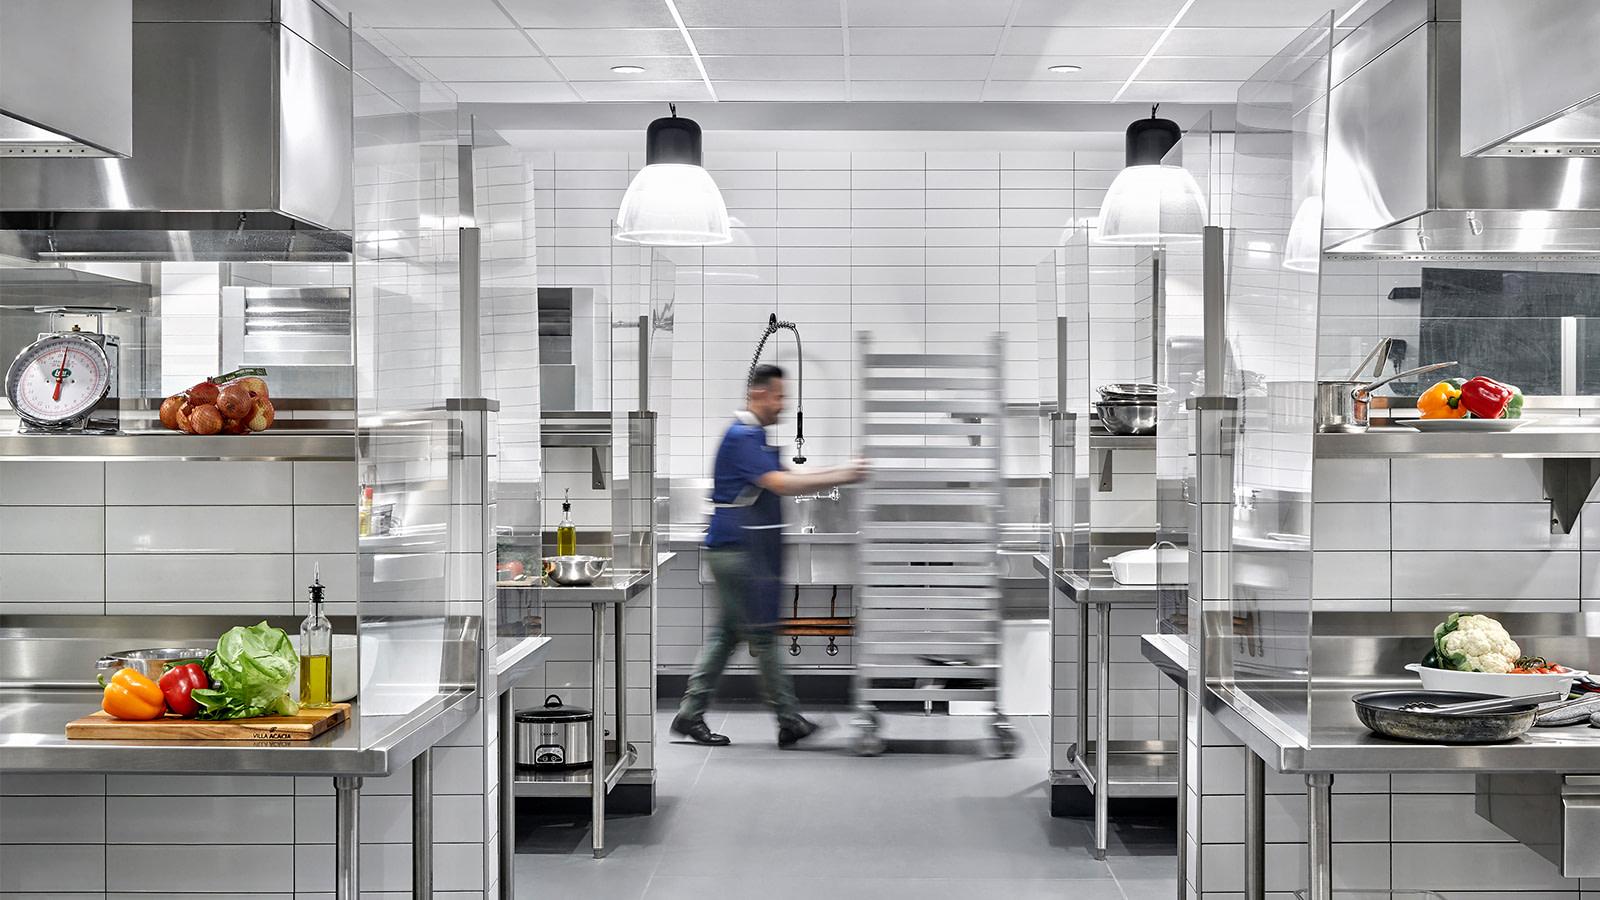 Home Chef test kitchen